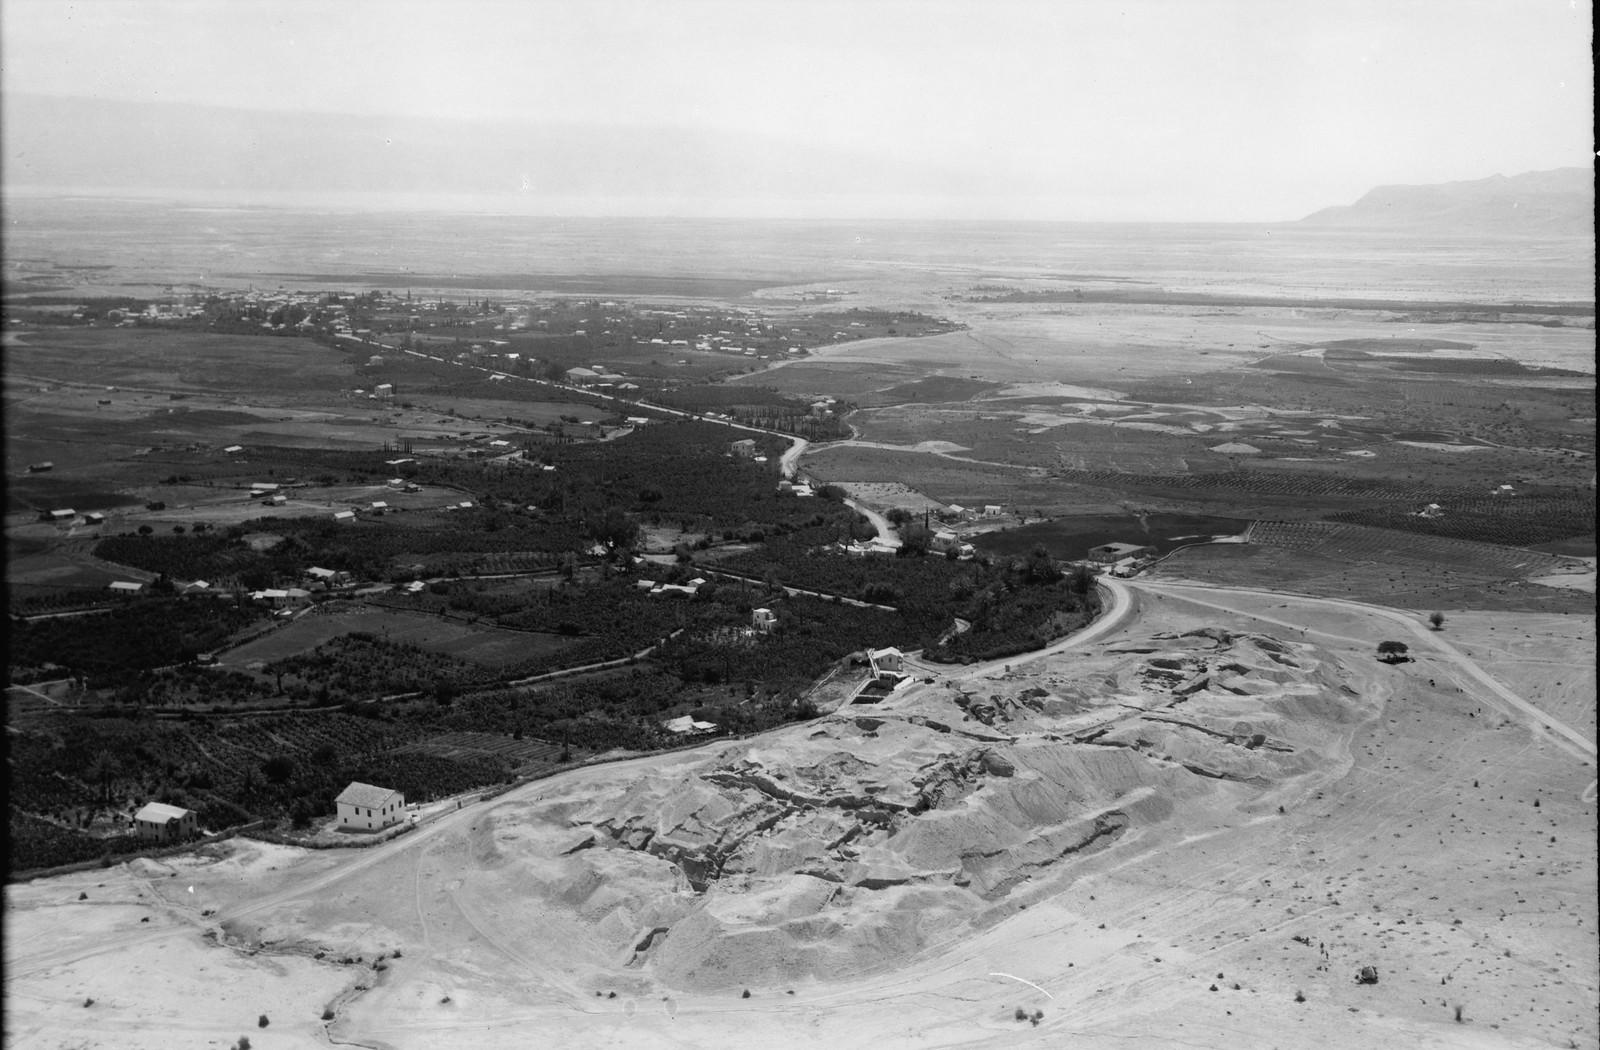 11. Воздушный маршрут по старой дороге Иерусалим-Иерихон. Курган древнего Иерихона. Вид на юг, современный Иерихон на расстоянии